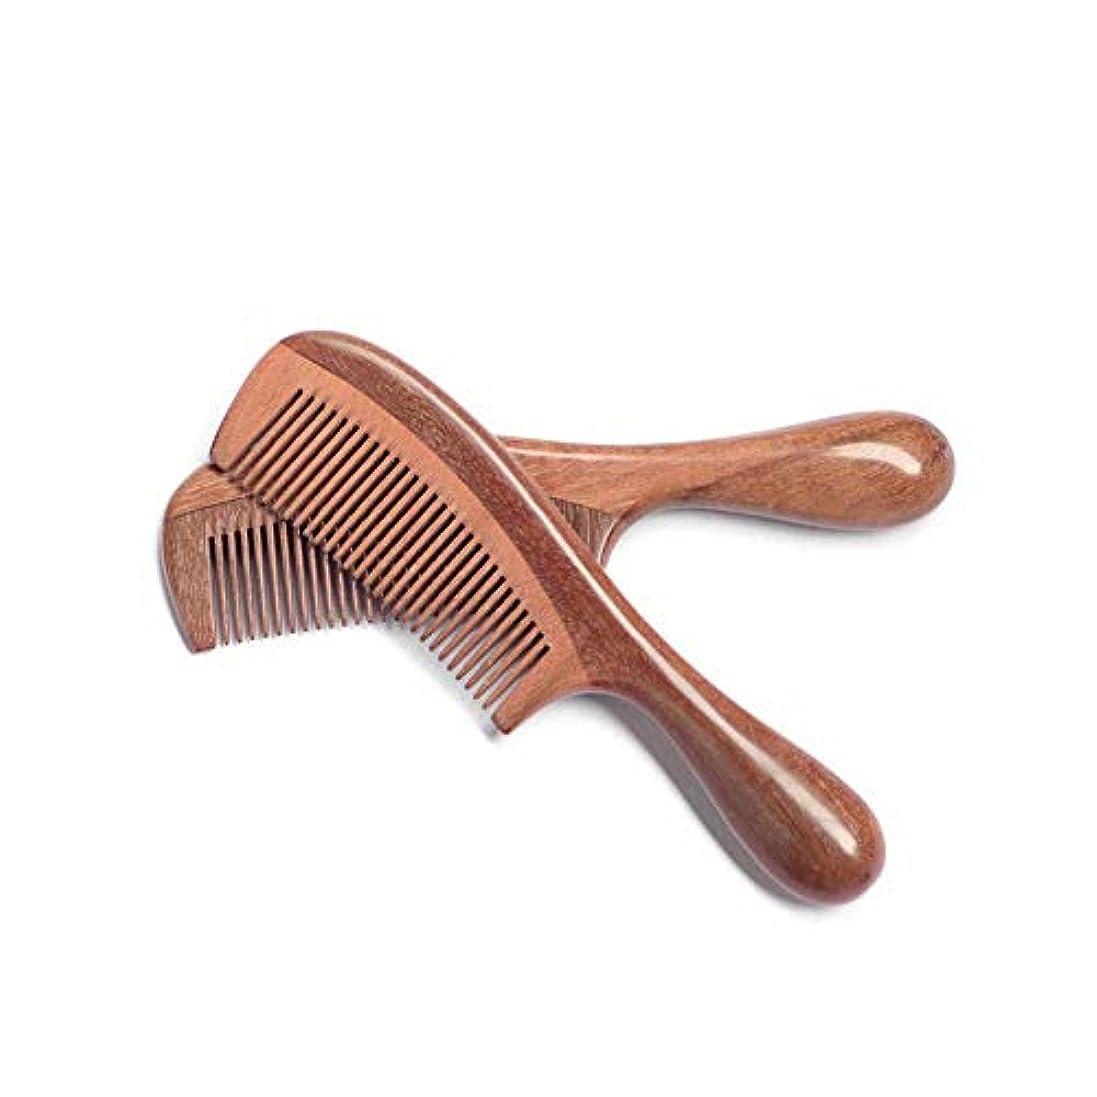 にはまって火傷種をまくFashian紫檀くしなめらかなロングハンドルマッサージストレート髪のくし ヘアケア